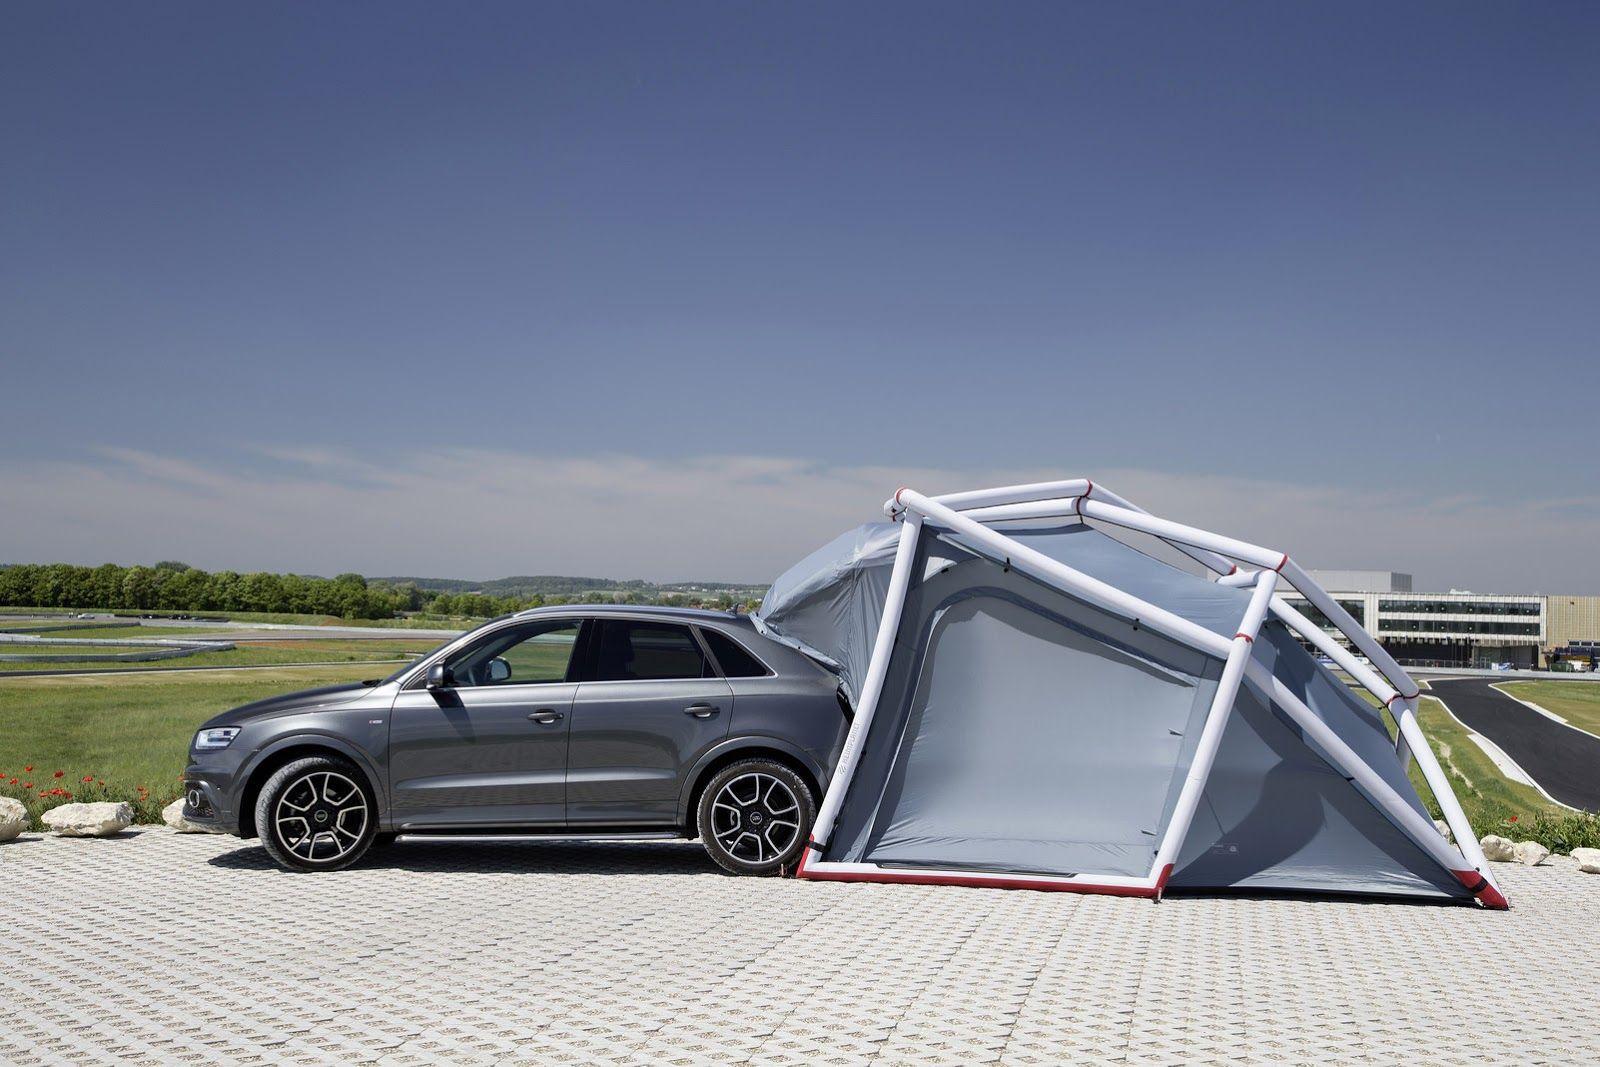 futuristic tent - Google Search & futuristic tent - Google Search | pi?kna | Pinterest | Futuristic